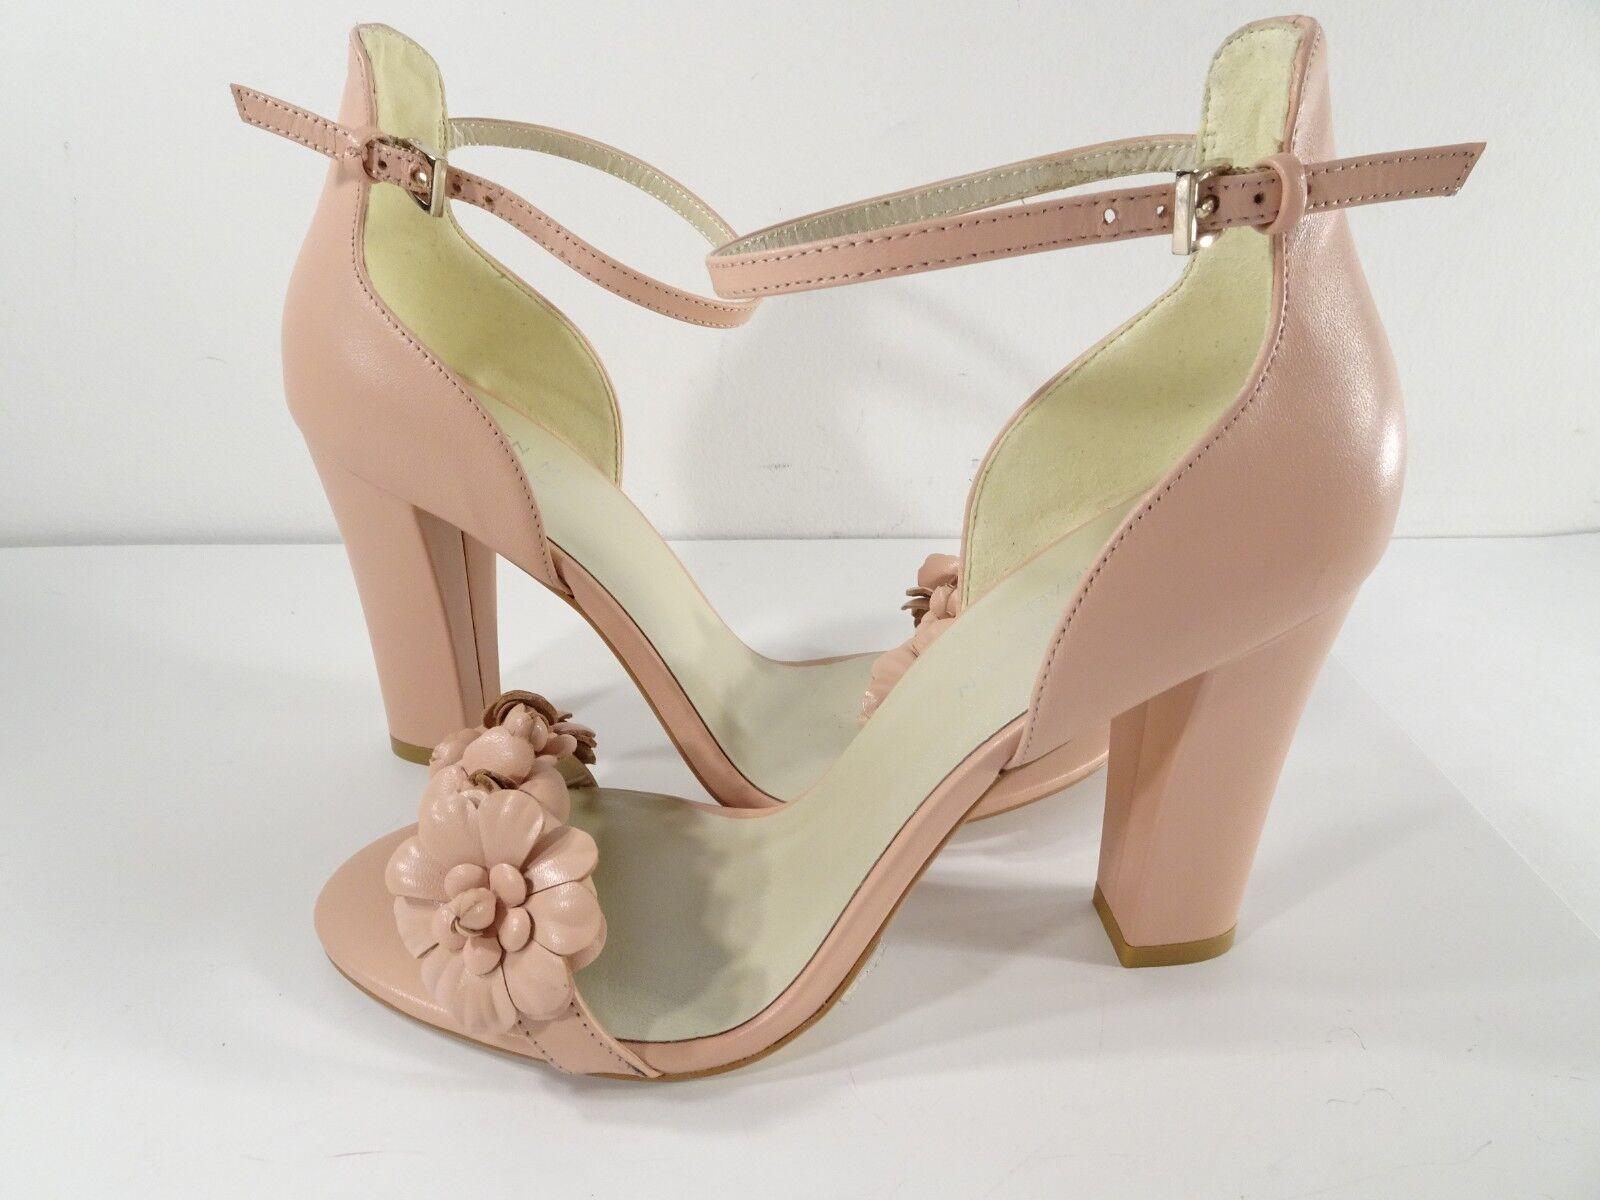 benvenuto a comprare Karen MILLEN donna Leather Floral Applique Heels Heels Heels Pumps Sz 38 NIB 299  marche online vendita a basso costo